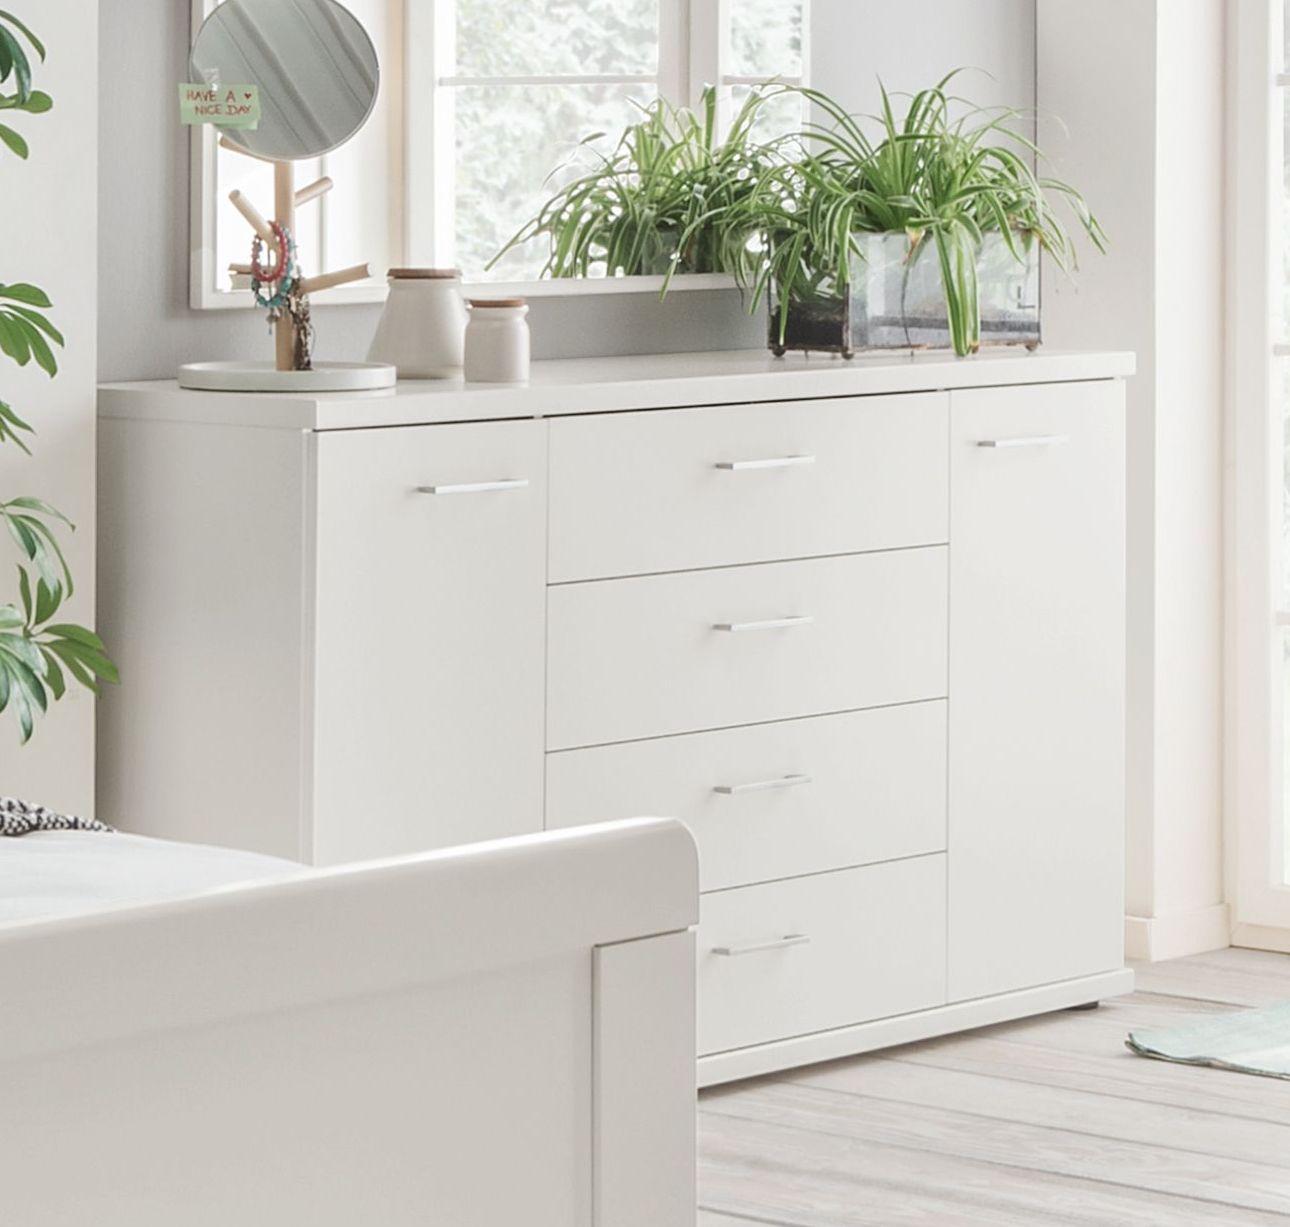 kommode f r das schlafzimmer mit schubladen und t r calimera. Black Bedroom Furniture Sets. Home Design Ideas